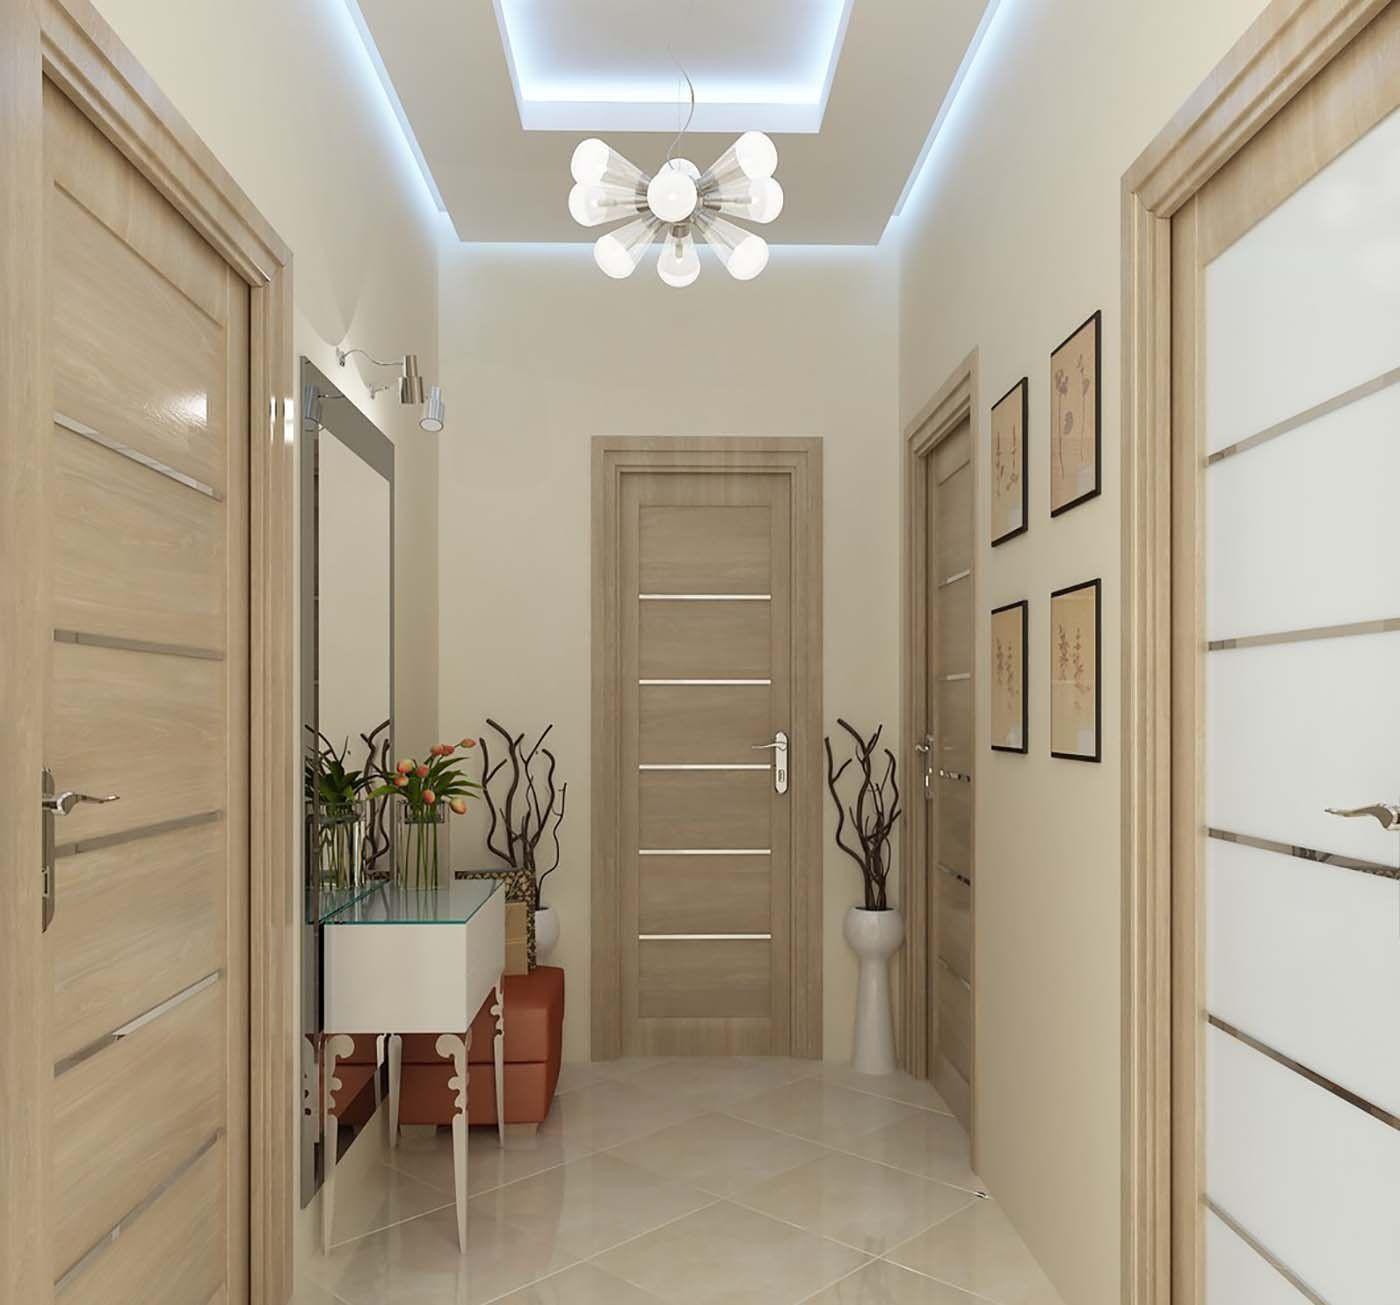 Дизайн коридора в квартире, доме | Дизайн коридора, Дизайн ...